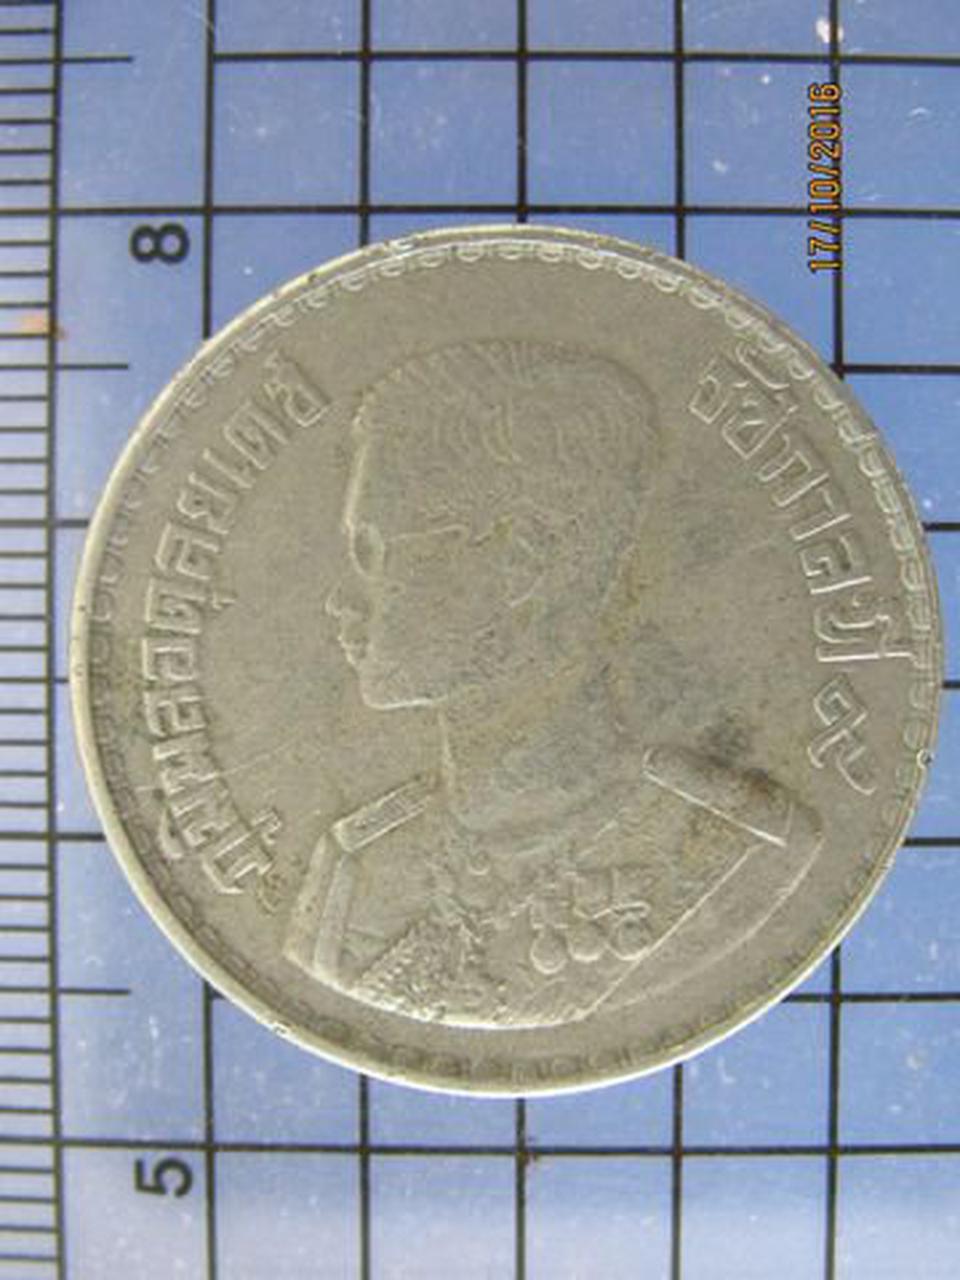 99 เหรียญกษาปณ์(ชนิดทองขาวตราแผ่นดิน พ.ศ.2500) ราคา 1 บาท  รูปที่ 4